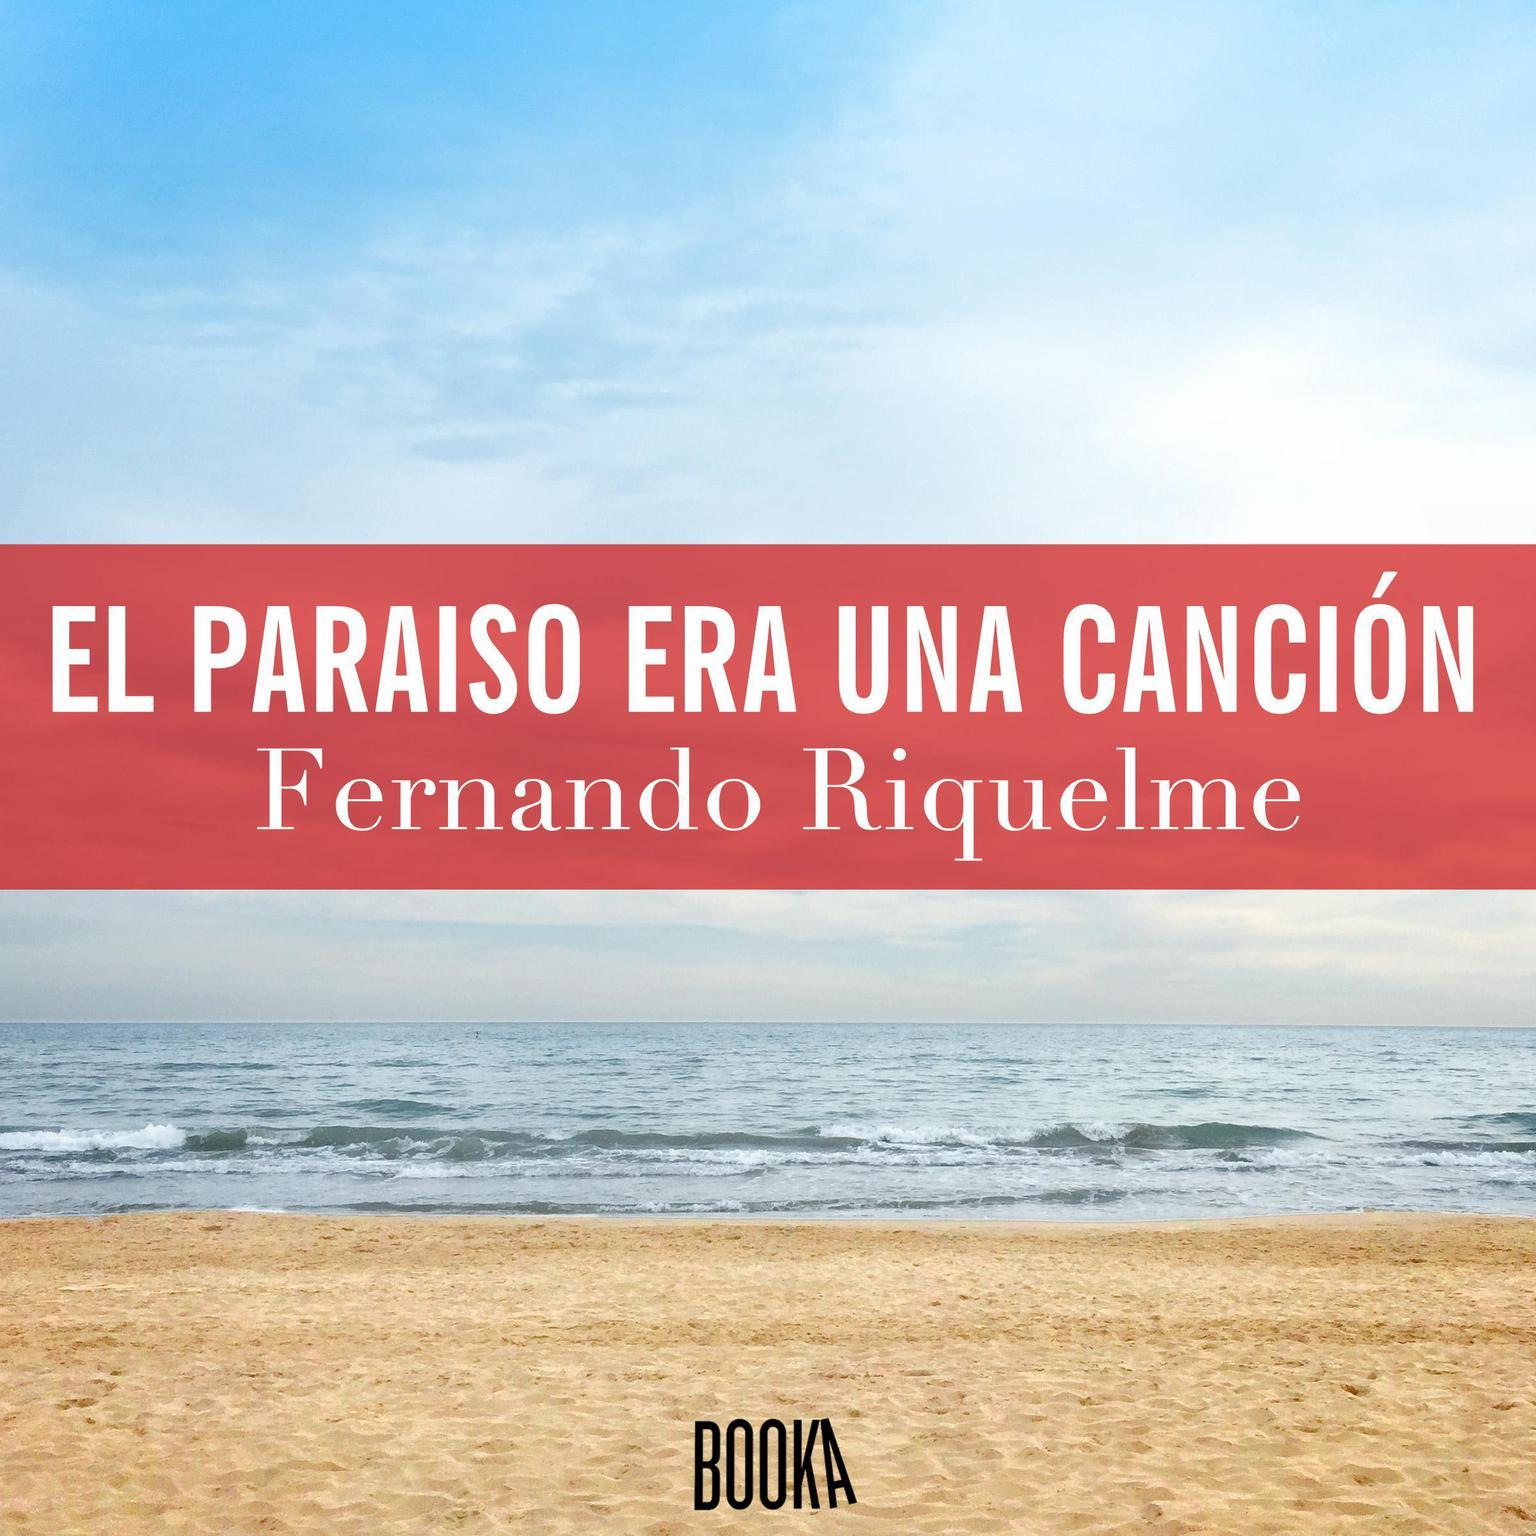 El Paraiso Era Una Cancion Audiobook, by Fernando Riquelme